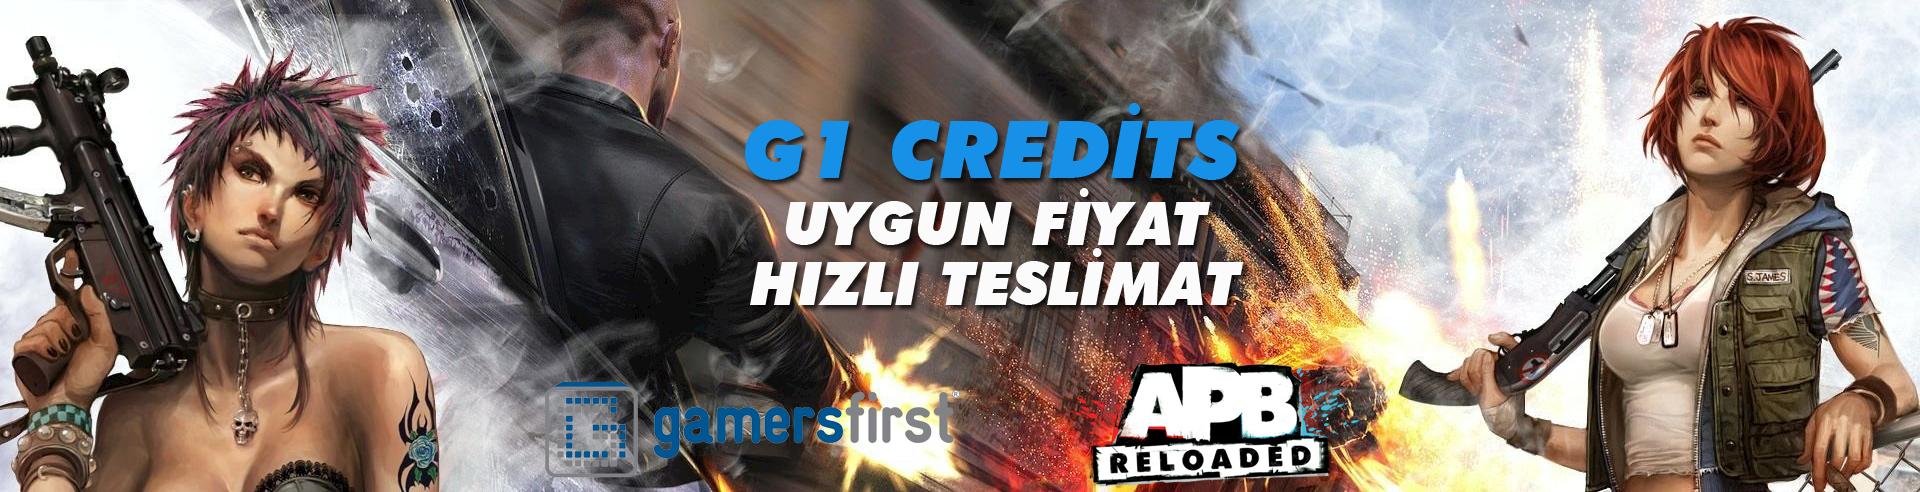 Apb G1 credits uygun fiyat hızlı teslimat